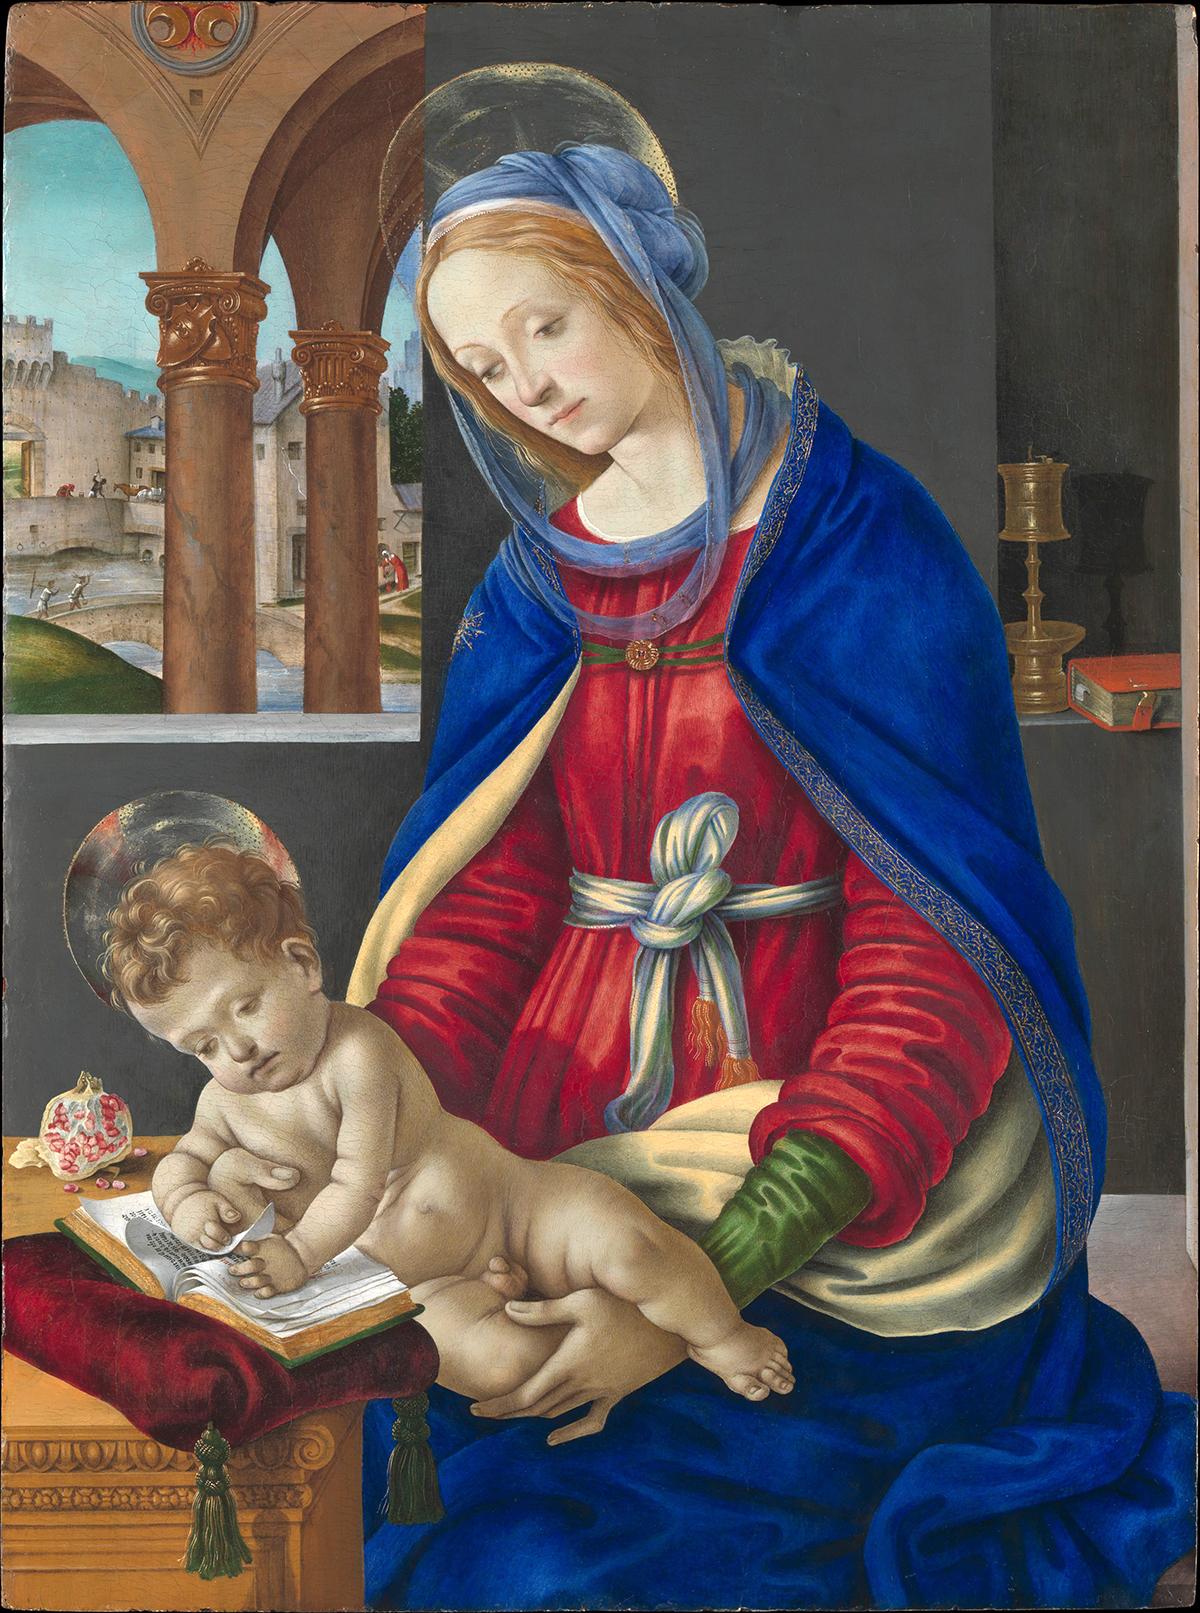 Filippino Lippi's Madonna and The Child (1483-1484)